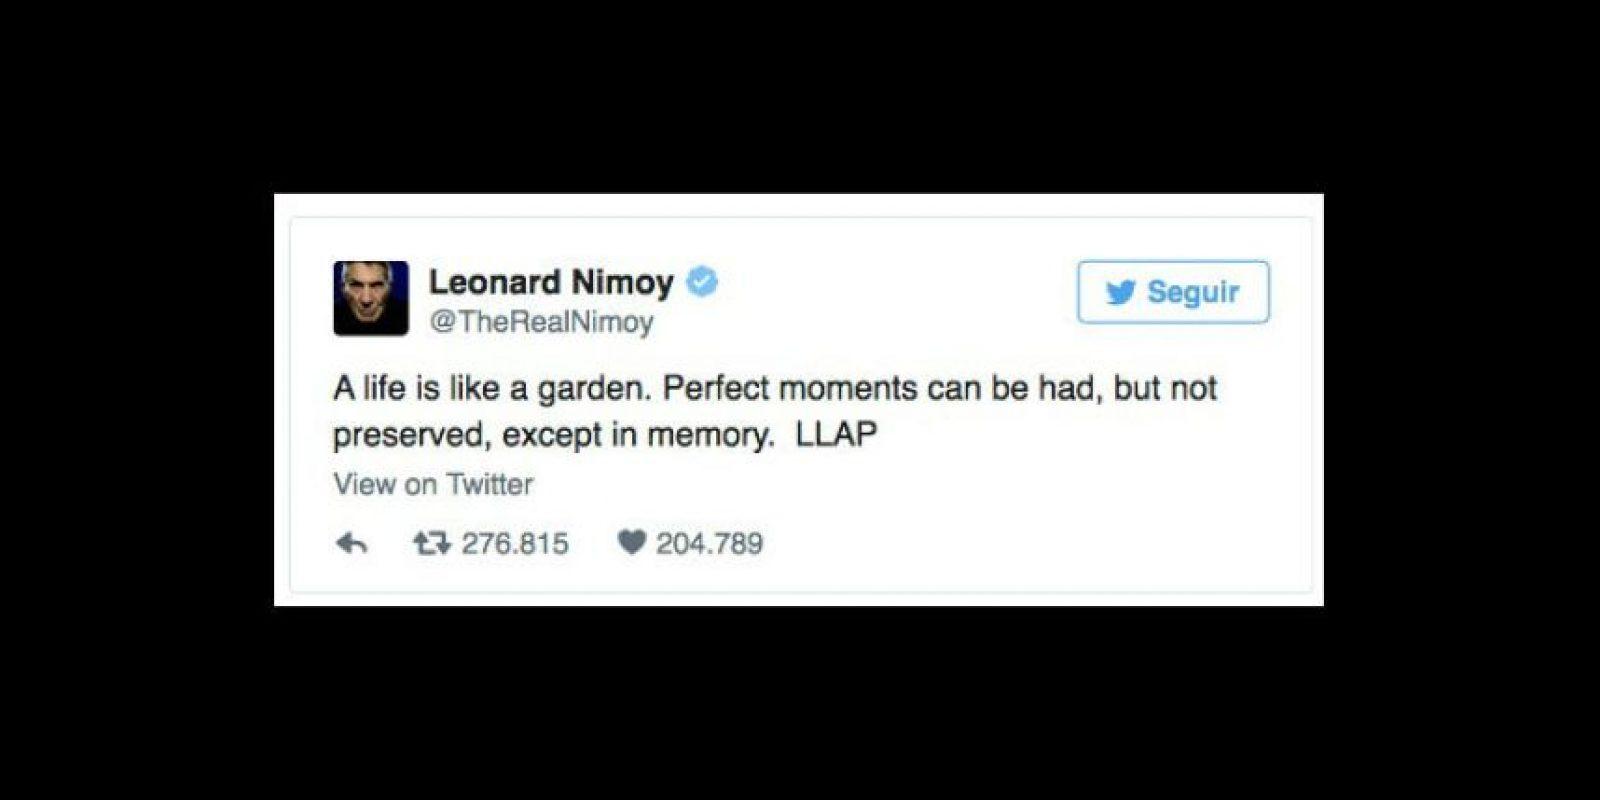 """""""La vida es como un jardín. Se pueden tener momentos perfectos, pero no se pueden preservar, excepto en la memoria"""", tuiteó la estrella de """"Star Trek"""". Foto:vía twitter.com/leonardnimoy"""